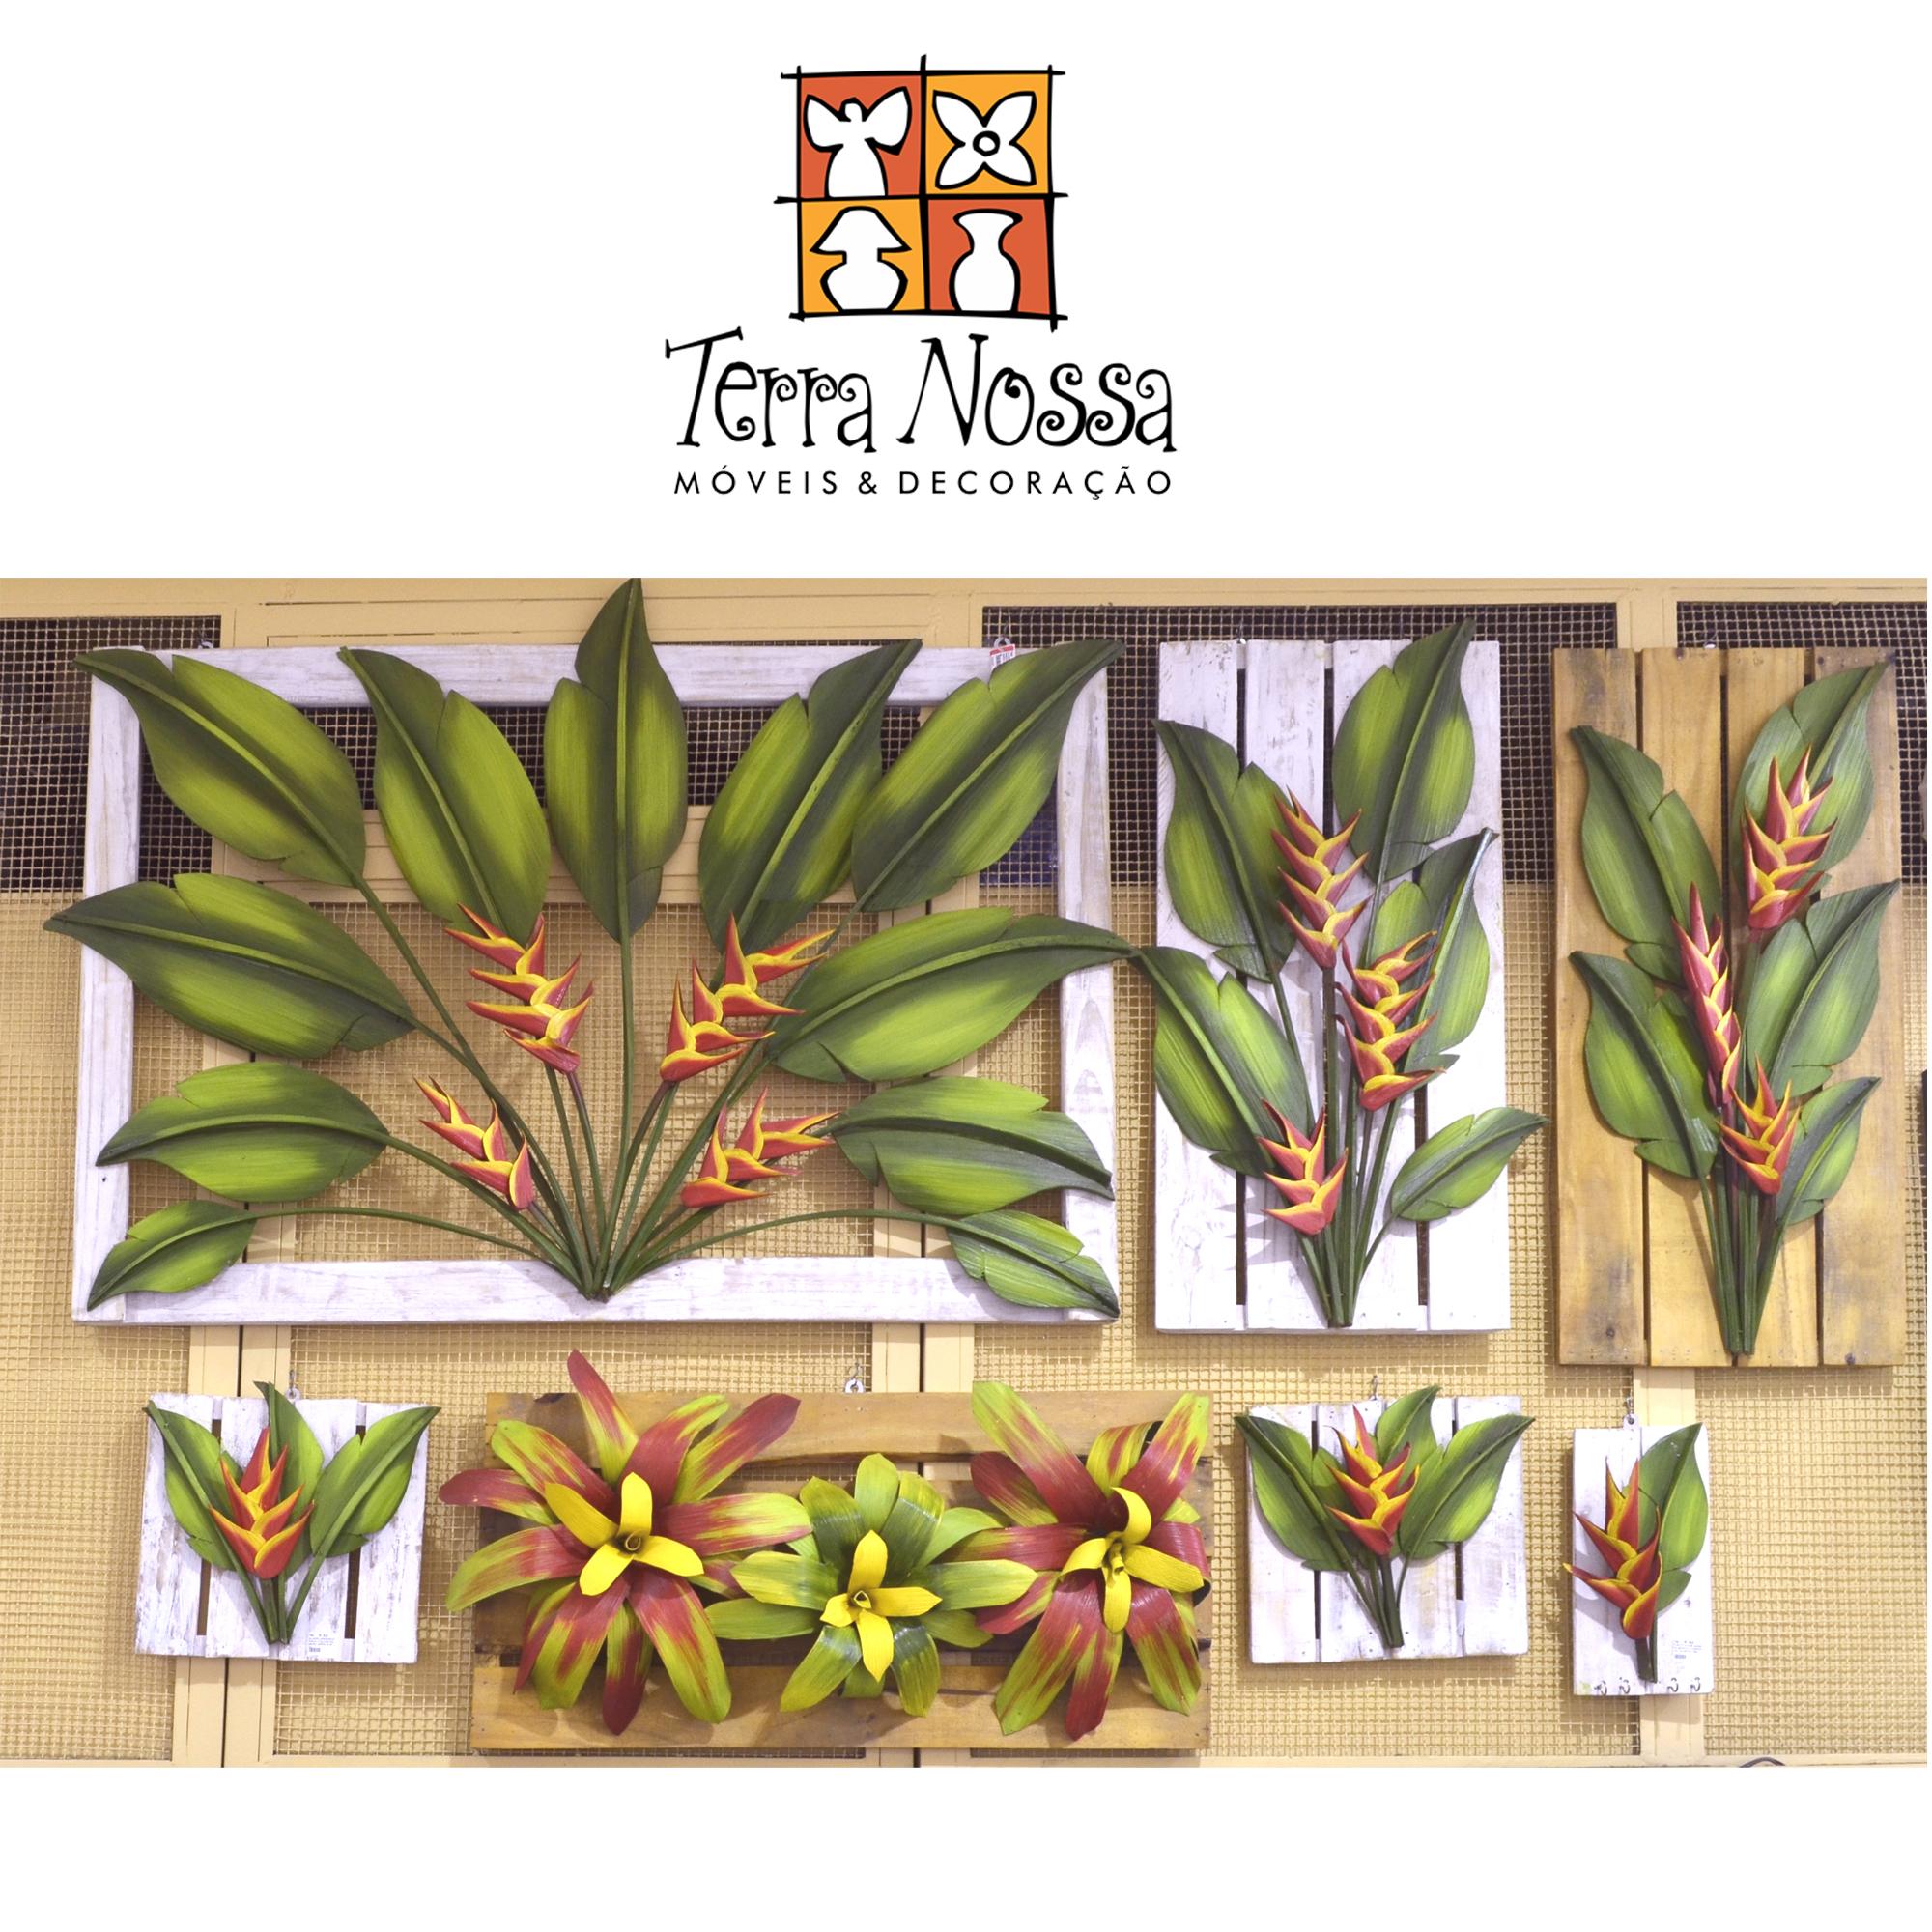 Loja Terra Nossa vende móveis de madeira de demolição e quandros com plantas desidratadas